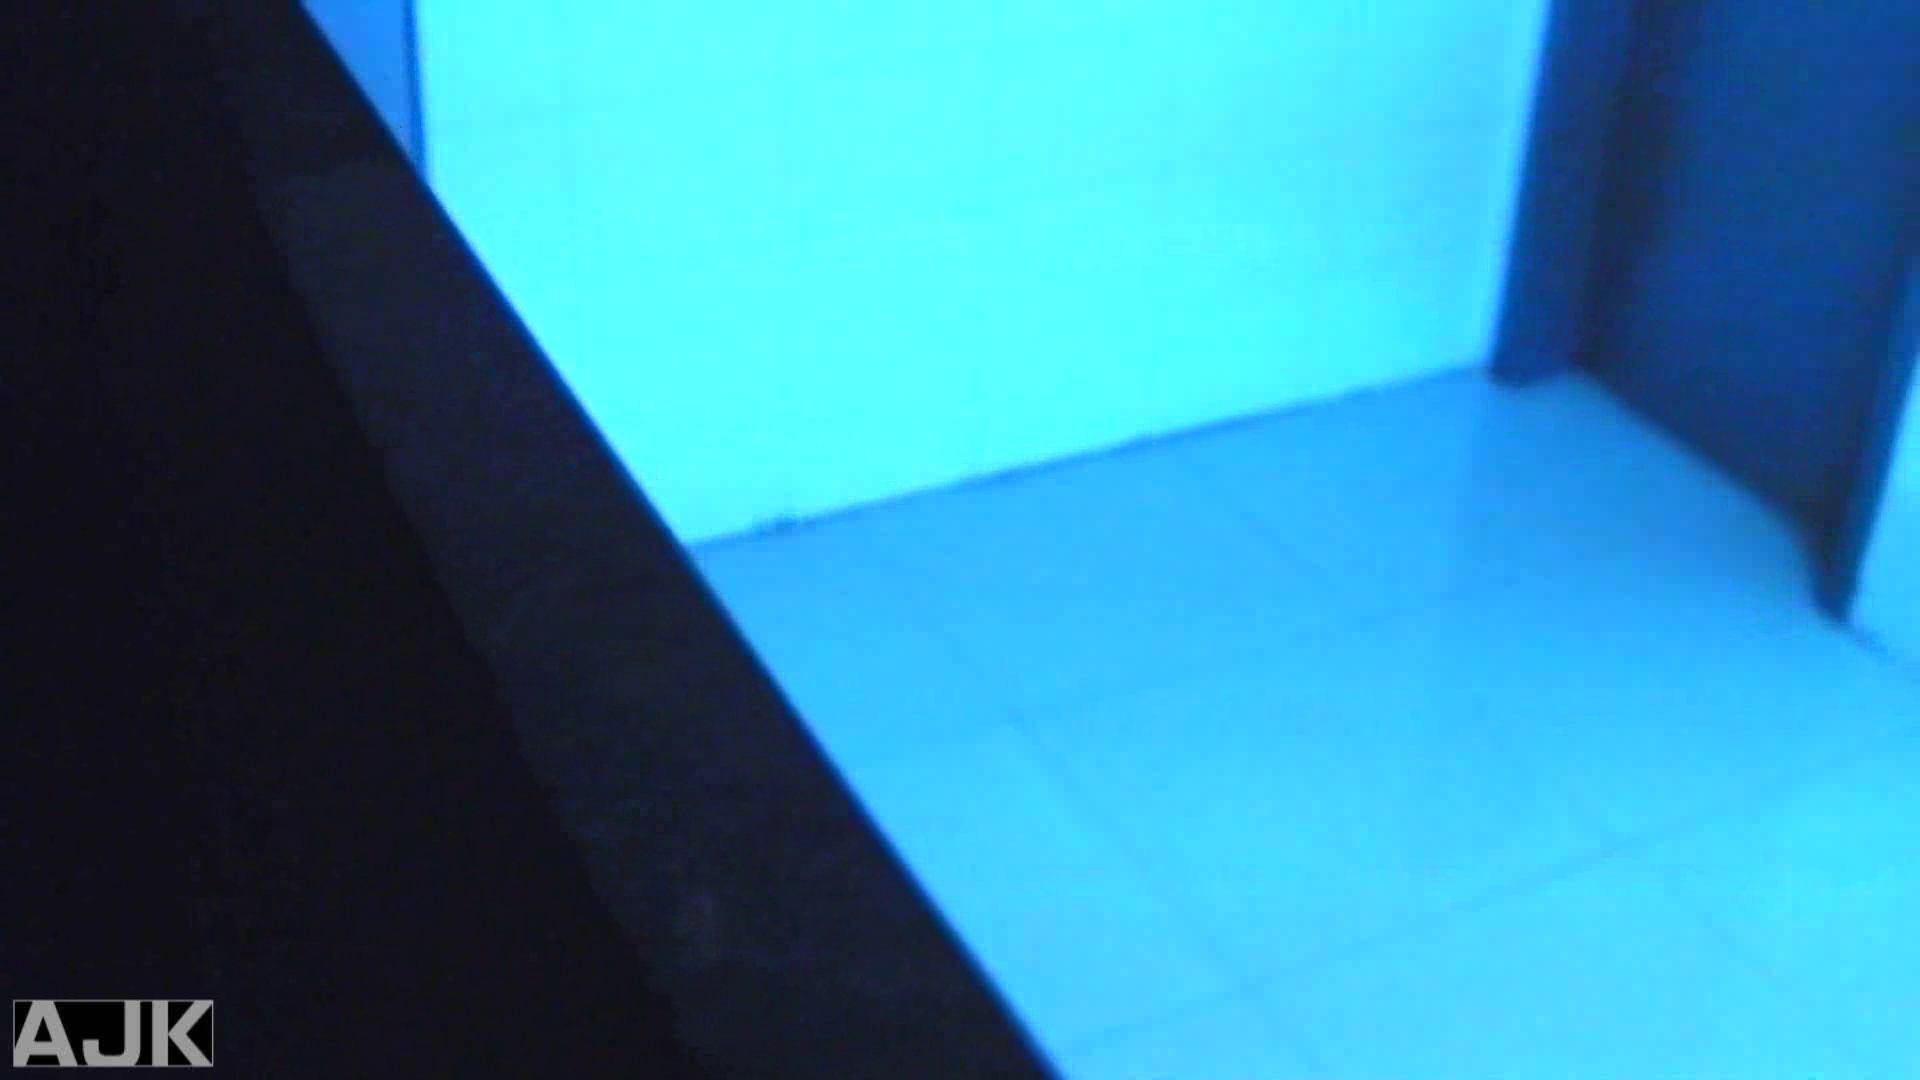 隣国上階級エリアの令嬢たちが集うデパートお手洗い Vol.13 オマンコ大好き おめこ無修正動画無料 59画像 49